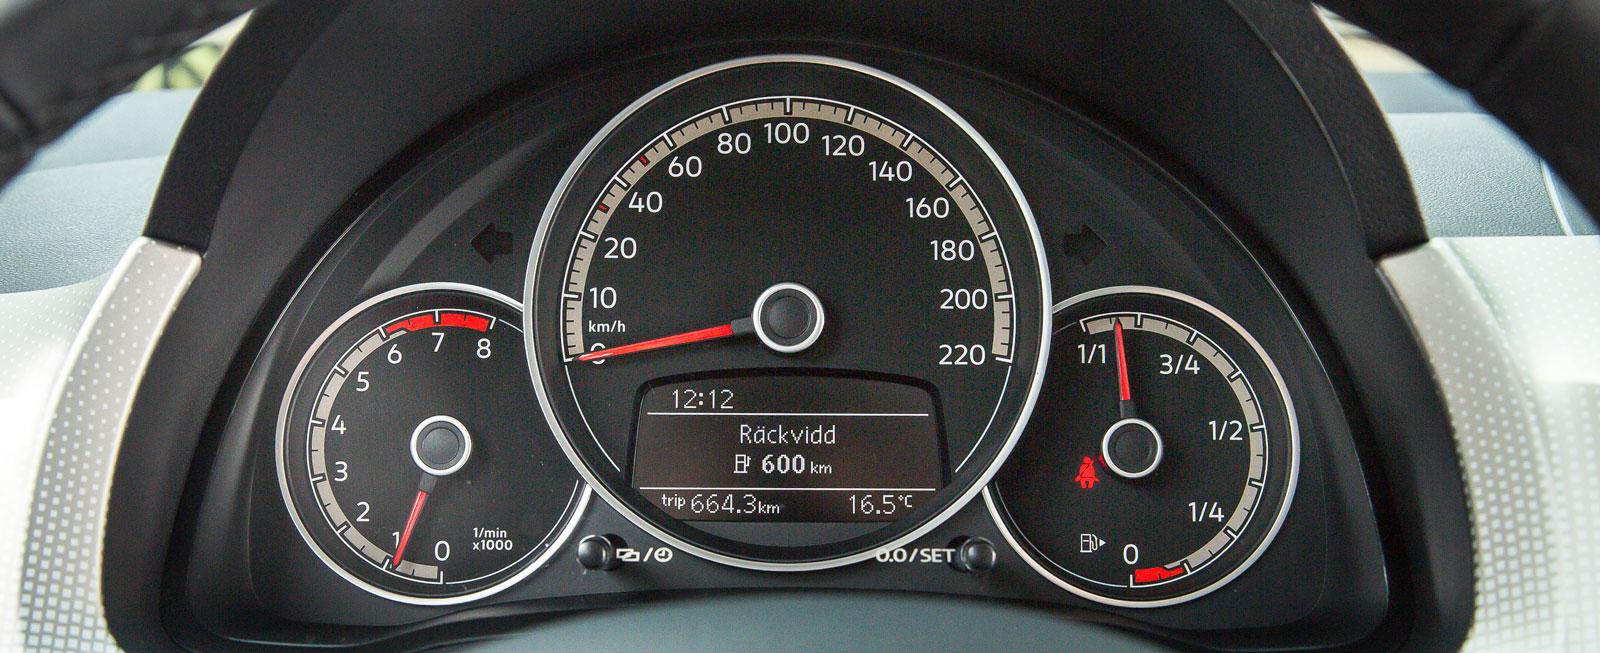 Stor hastighetsmätare med tillhörande färddator i mitten, liten varvräknare till vänster och rund bränslemätare till höger. Konceptet känns igen från ur-Up, men grafiken har blivit snyggare efter uppdateringen.